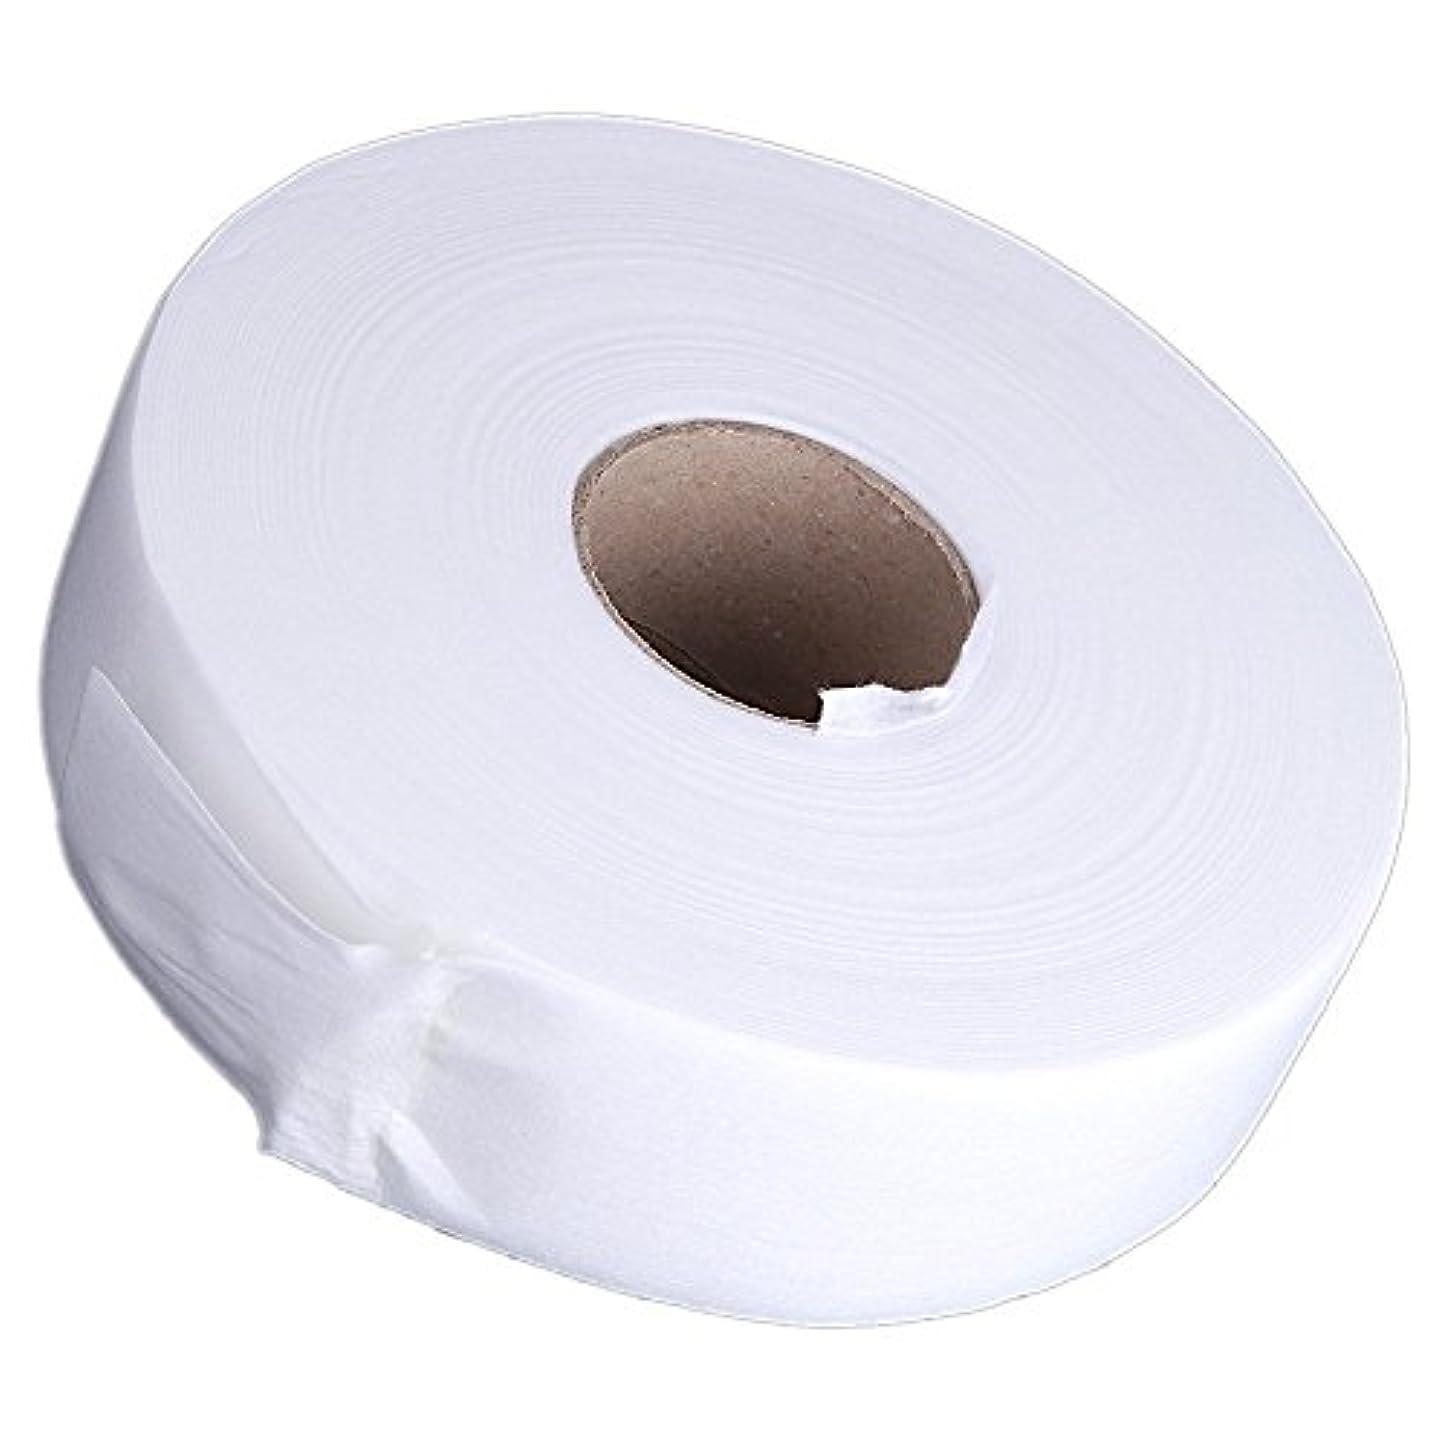 ハリケーンバイナリ推定するVaorwne 100ヤードの脱毛紙脱毛ワックスストリップ 不織布ペーパーワックスロール(白)